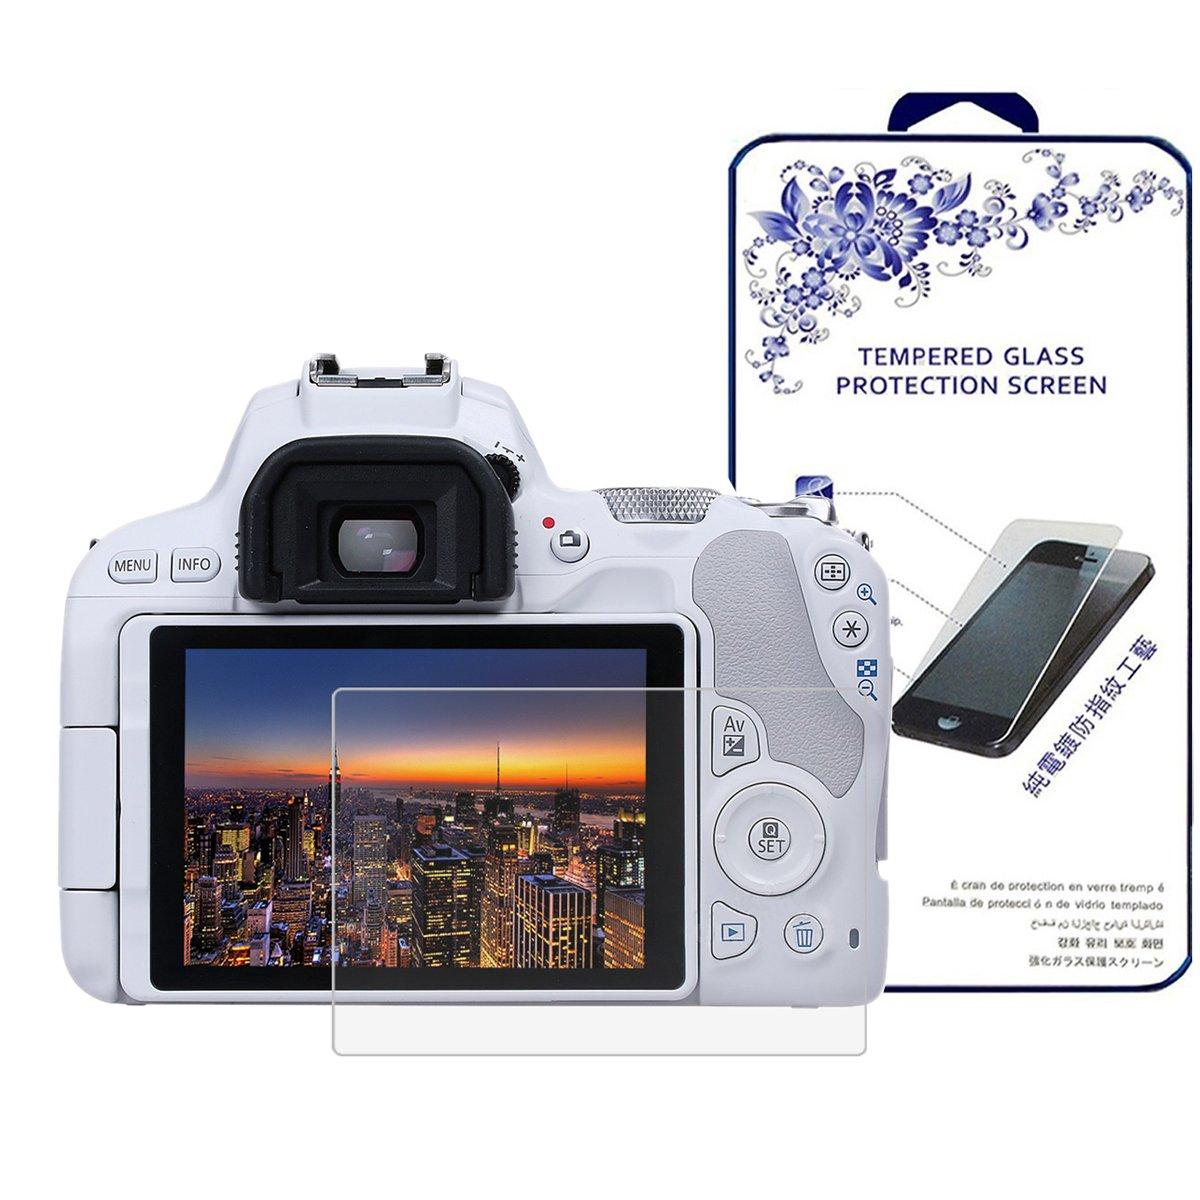 Canon Eos 200D/KISS 9/SL2 - Protector de pantalla para cámara ...